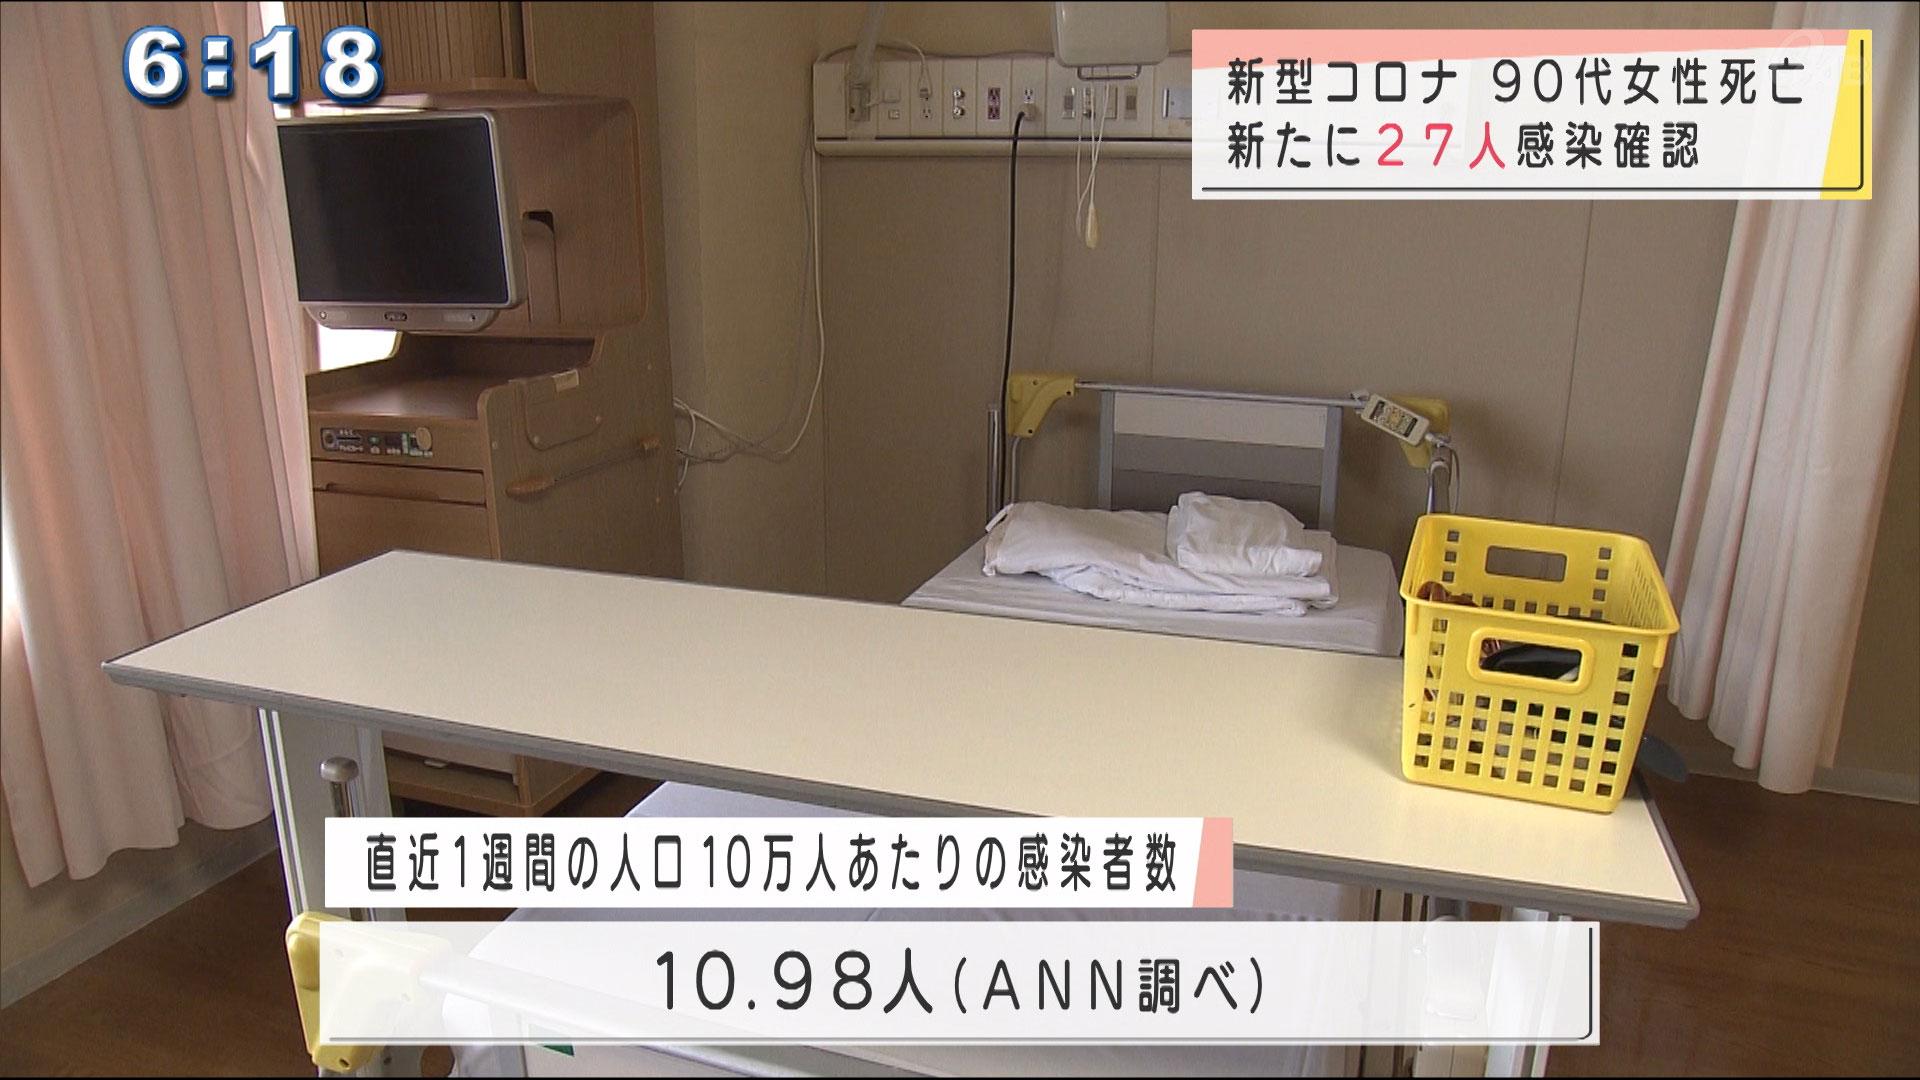 新型コロナ新規感染者27人1人死亡